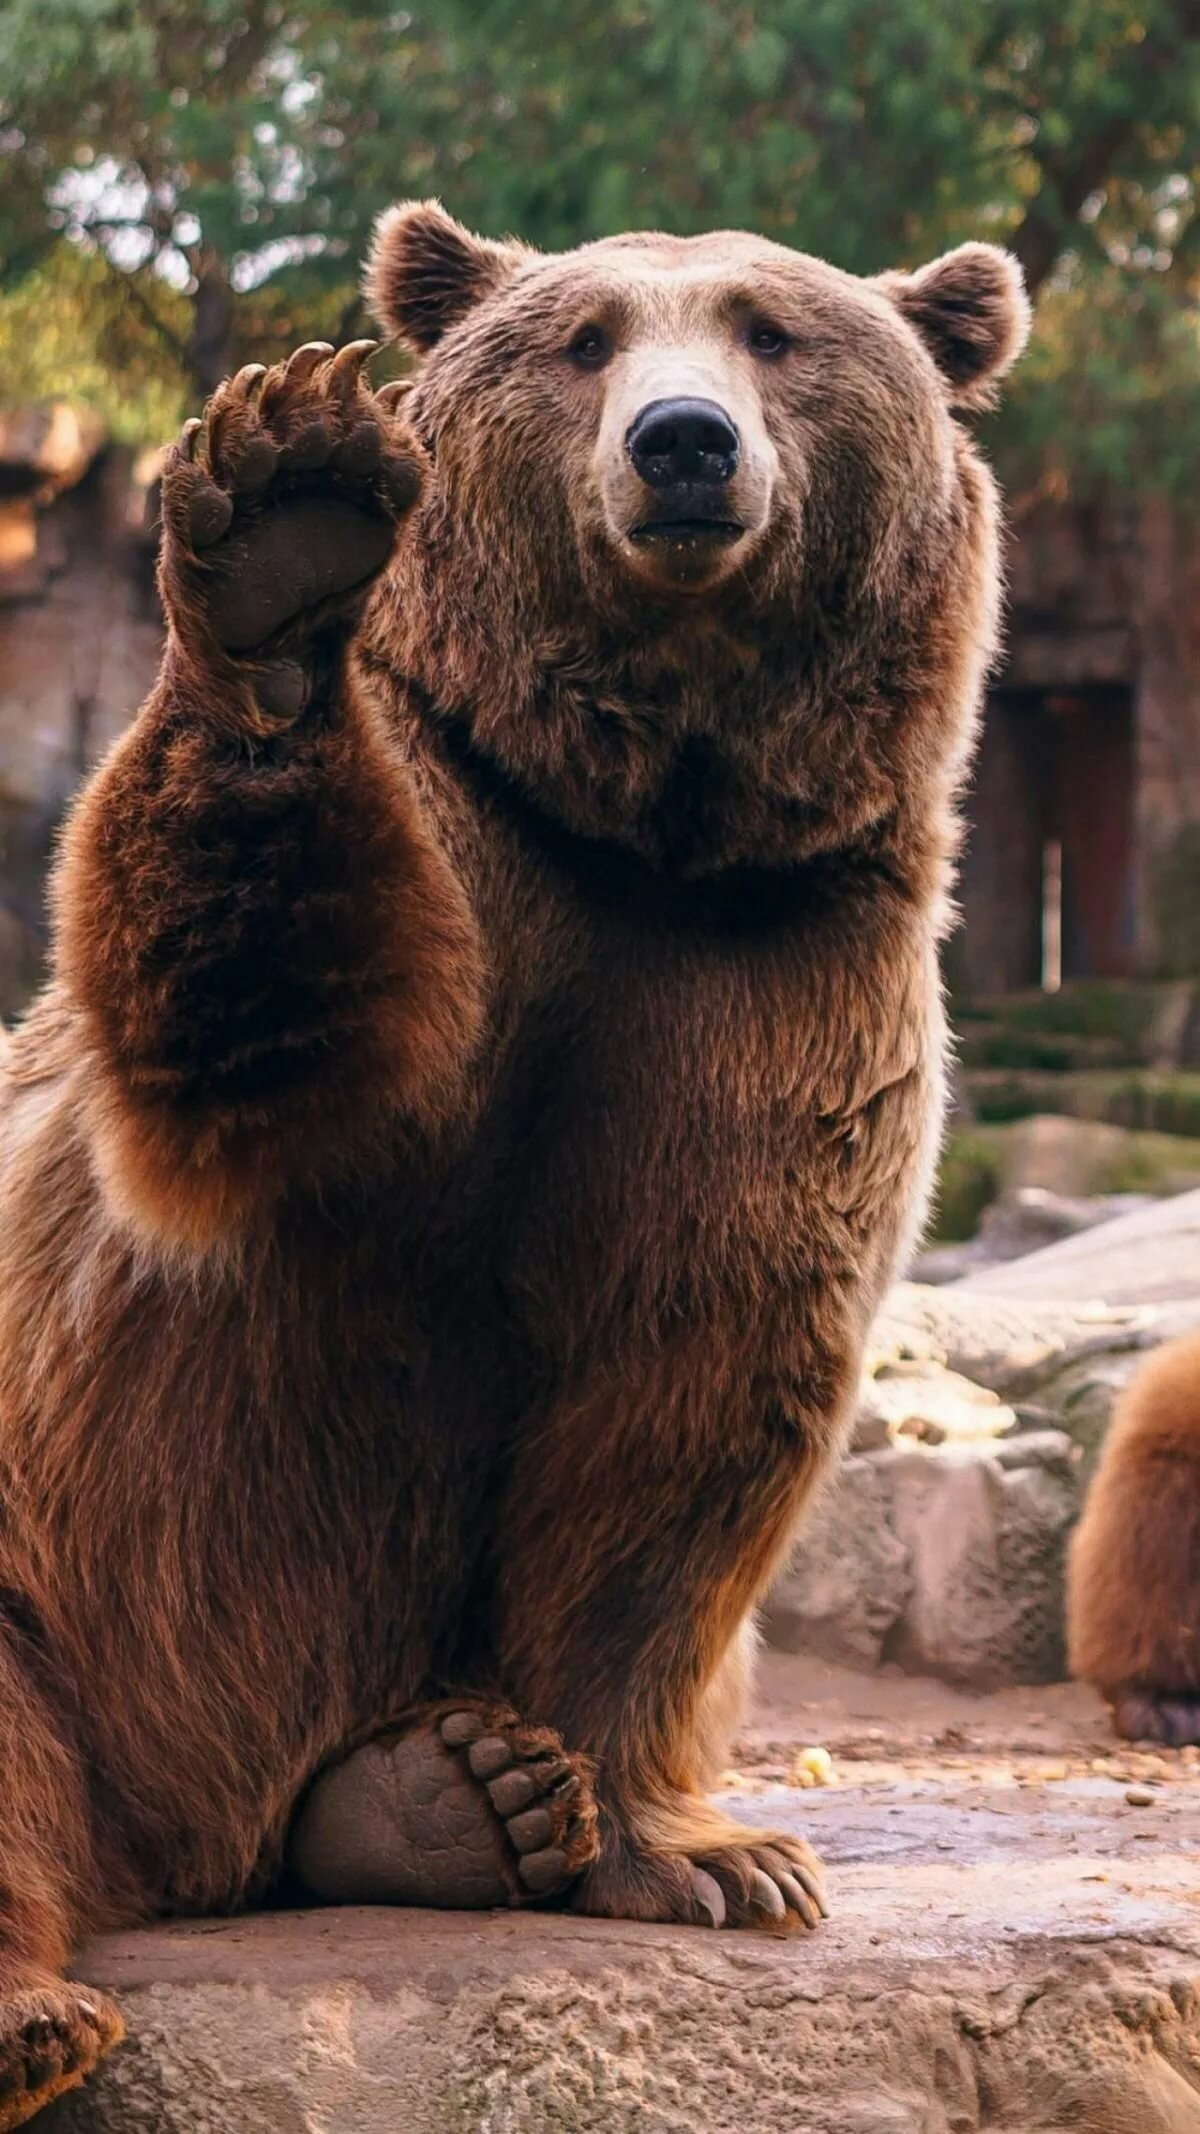 картинка медведь машет лапой рассказывал, что что